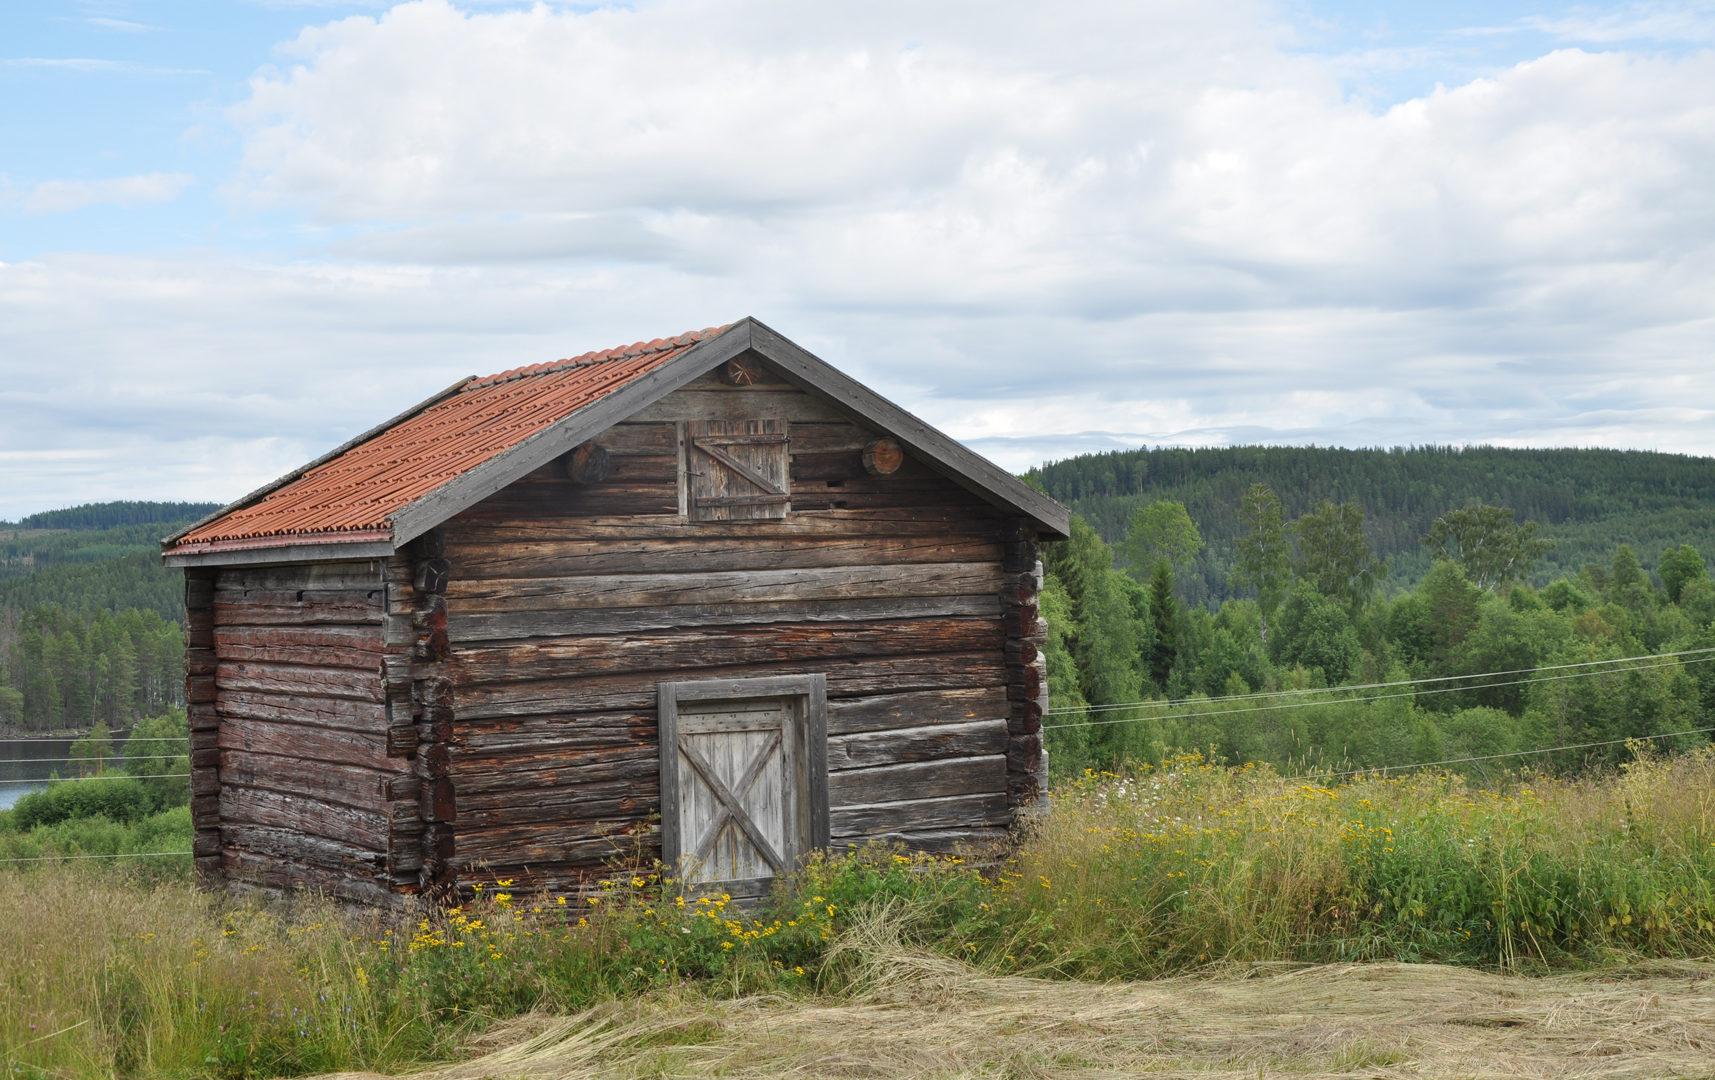 northbound trip - nordwärts vacaciones en Suecia cultura escandinava Familia Amigos norte de Suecia viajar